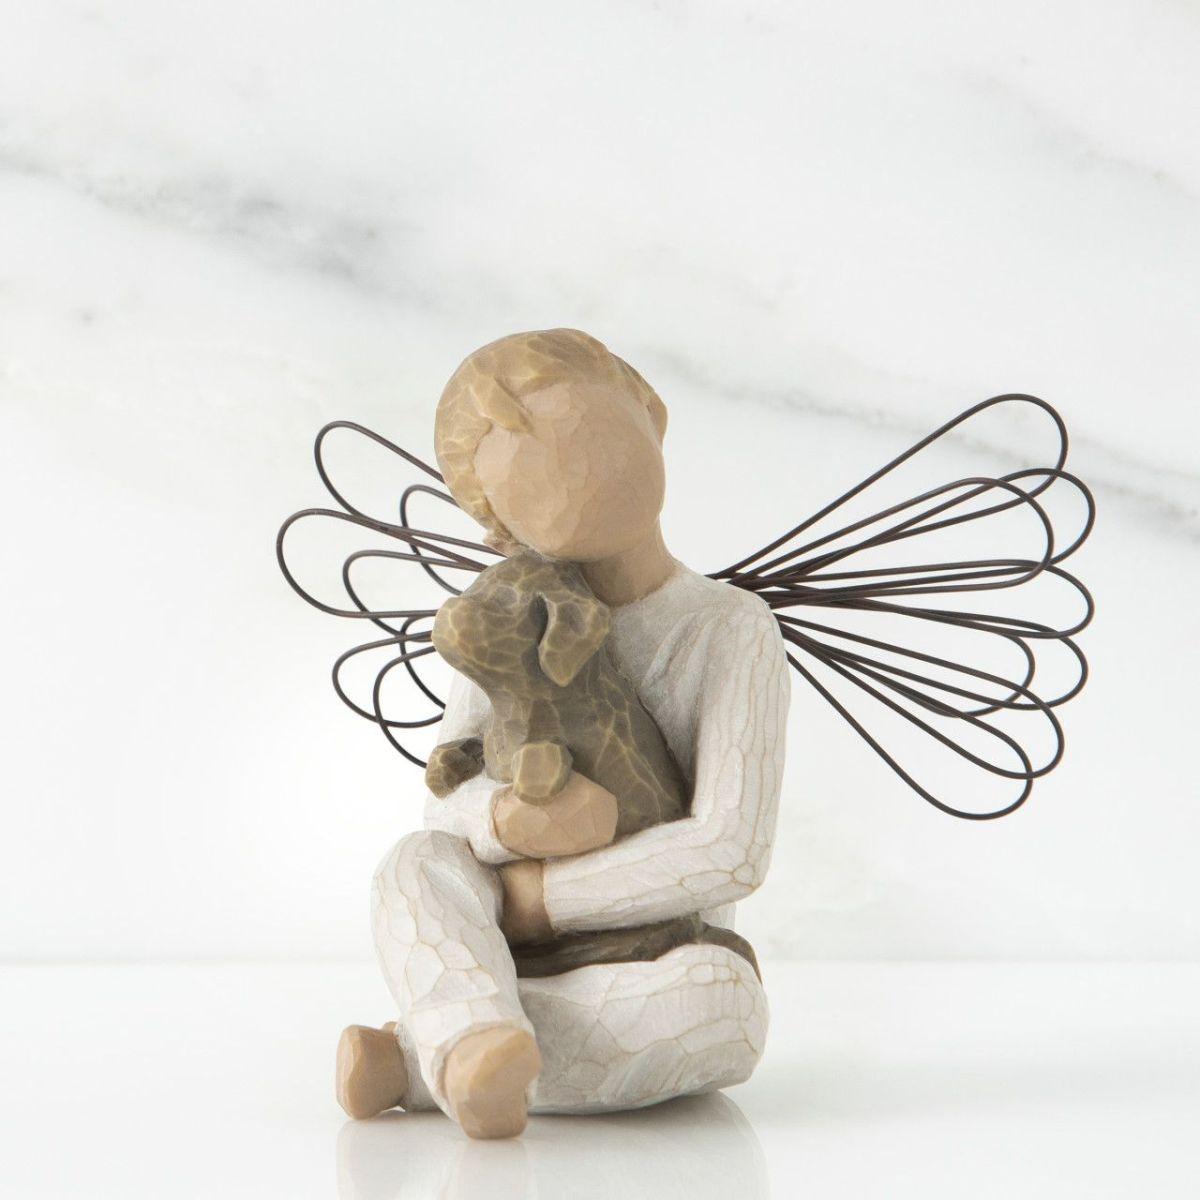 ウィローツリー天使像 【Angel of Comfort】 - 安らぎ